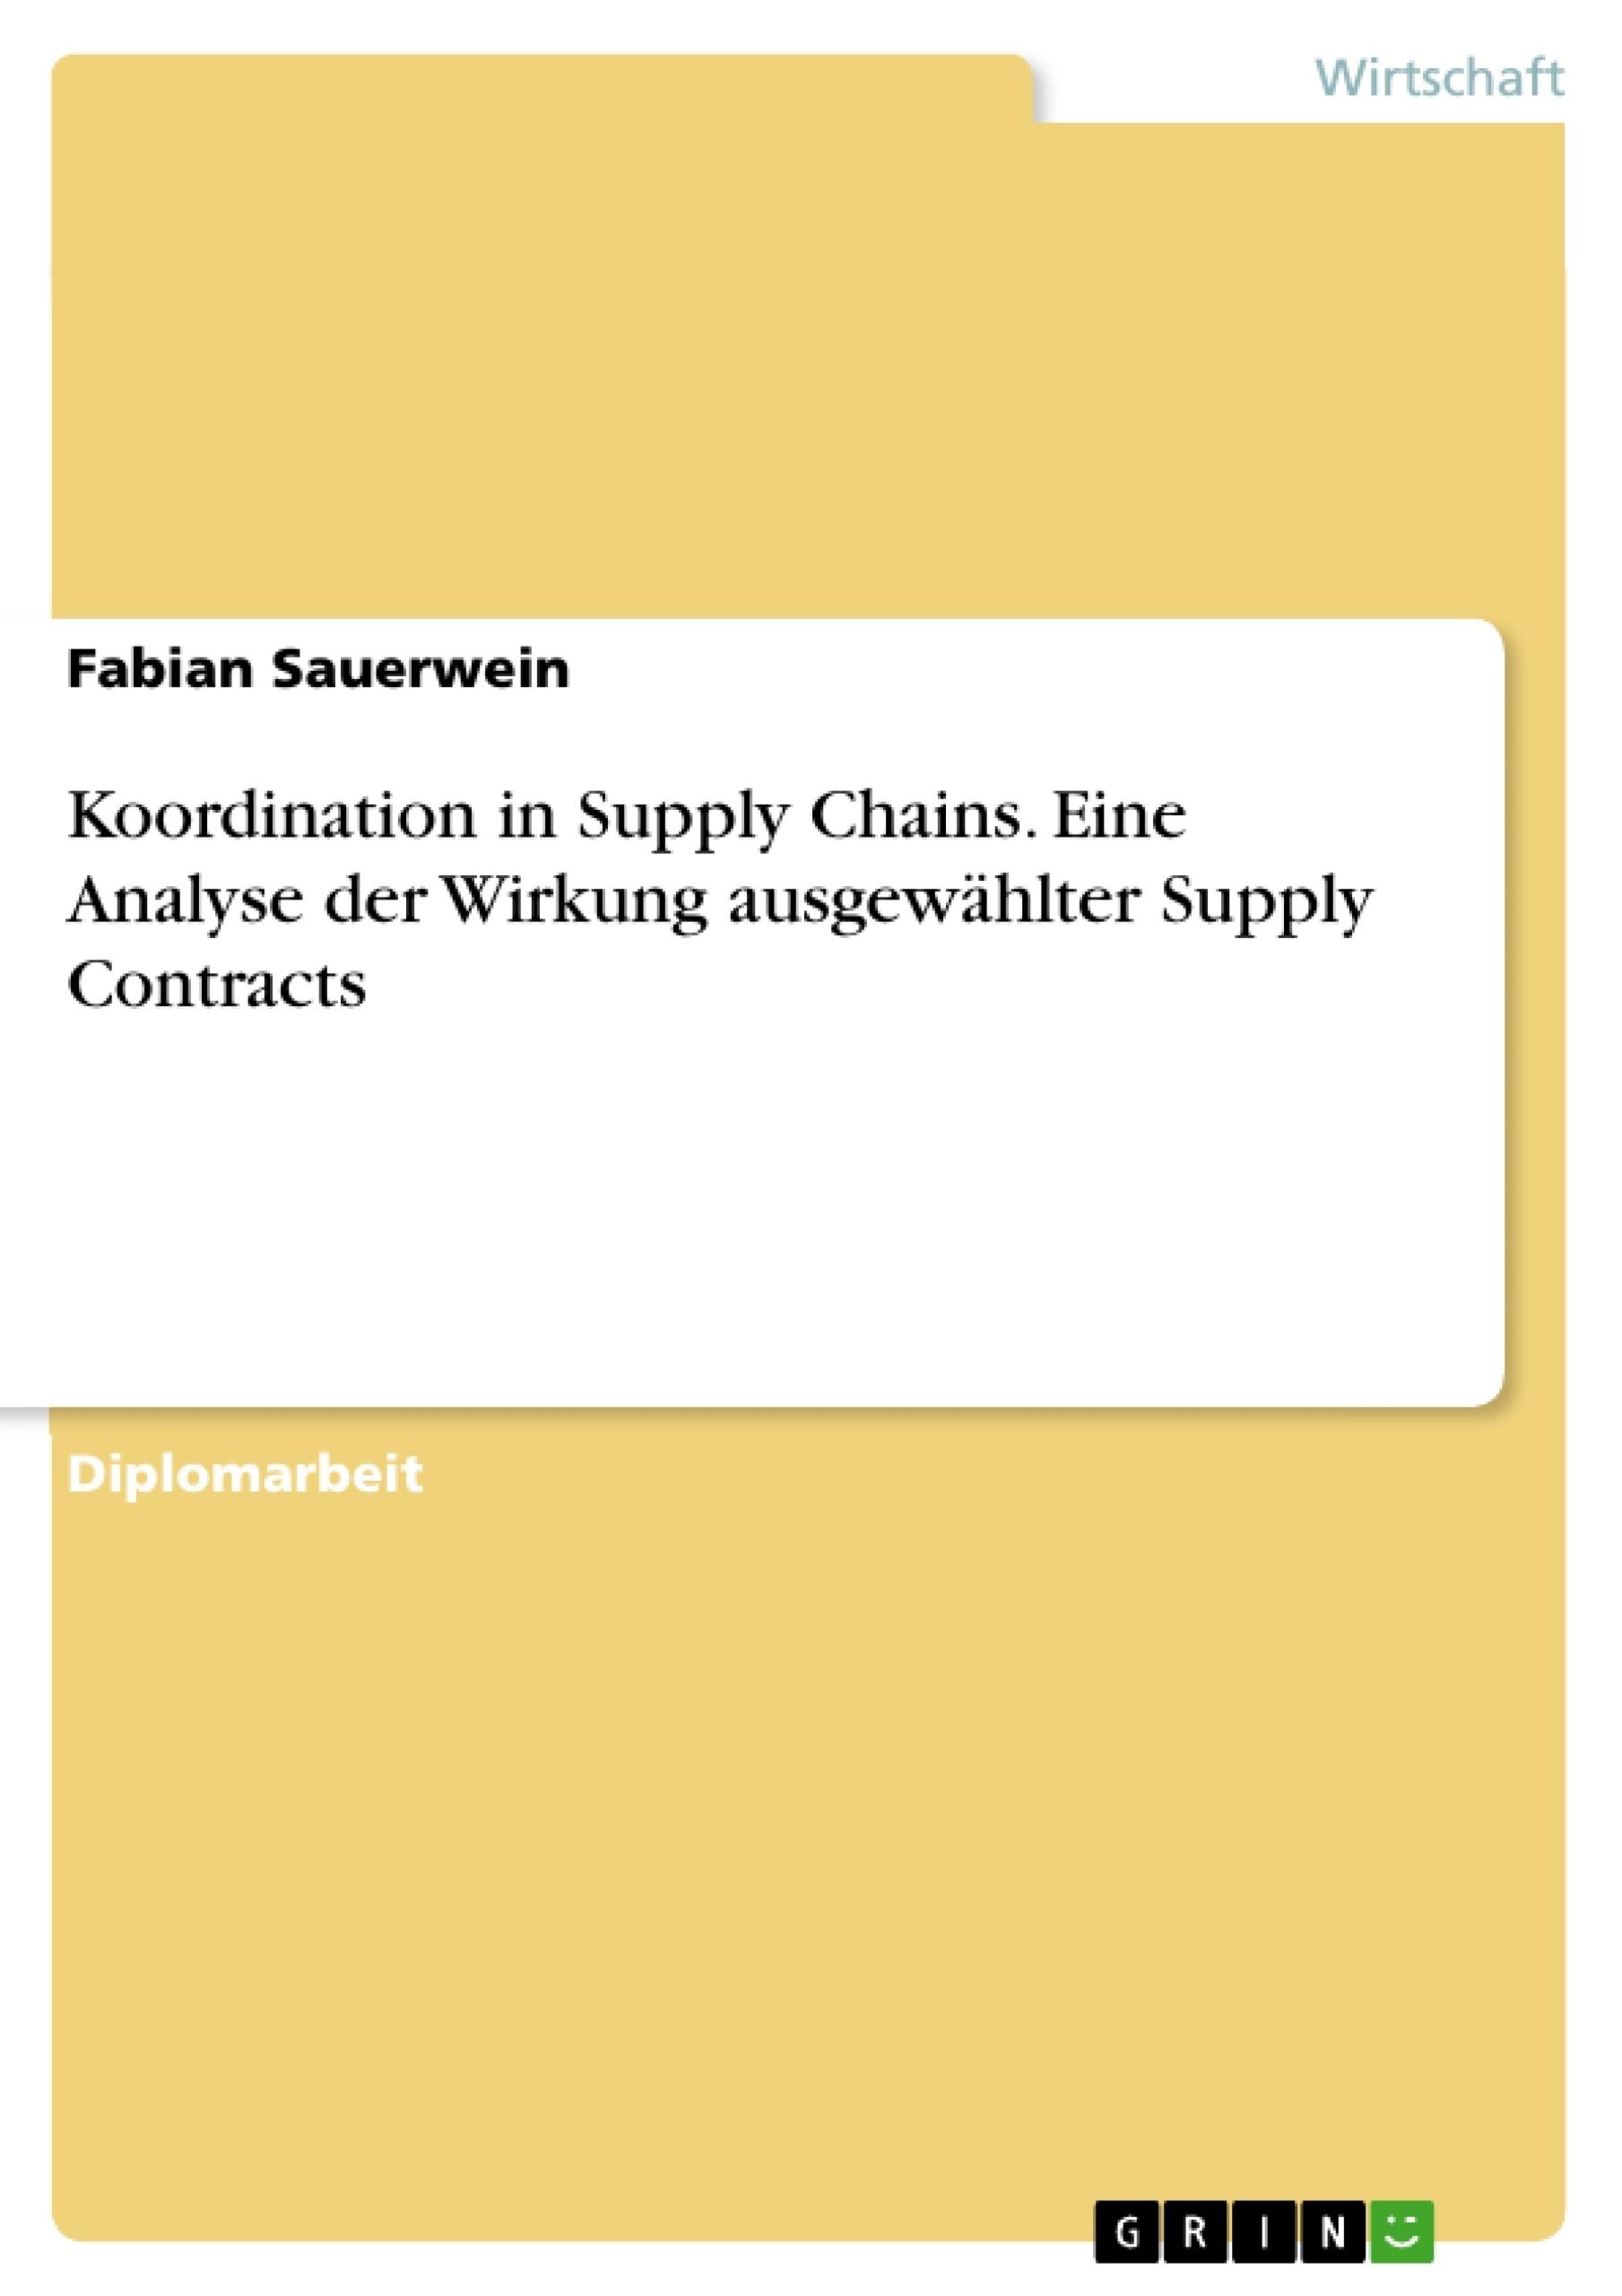 Titel: Koordination in Supply Chains. Eine Analyse der Wirkung ausgewählter Supply Contracts